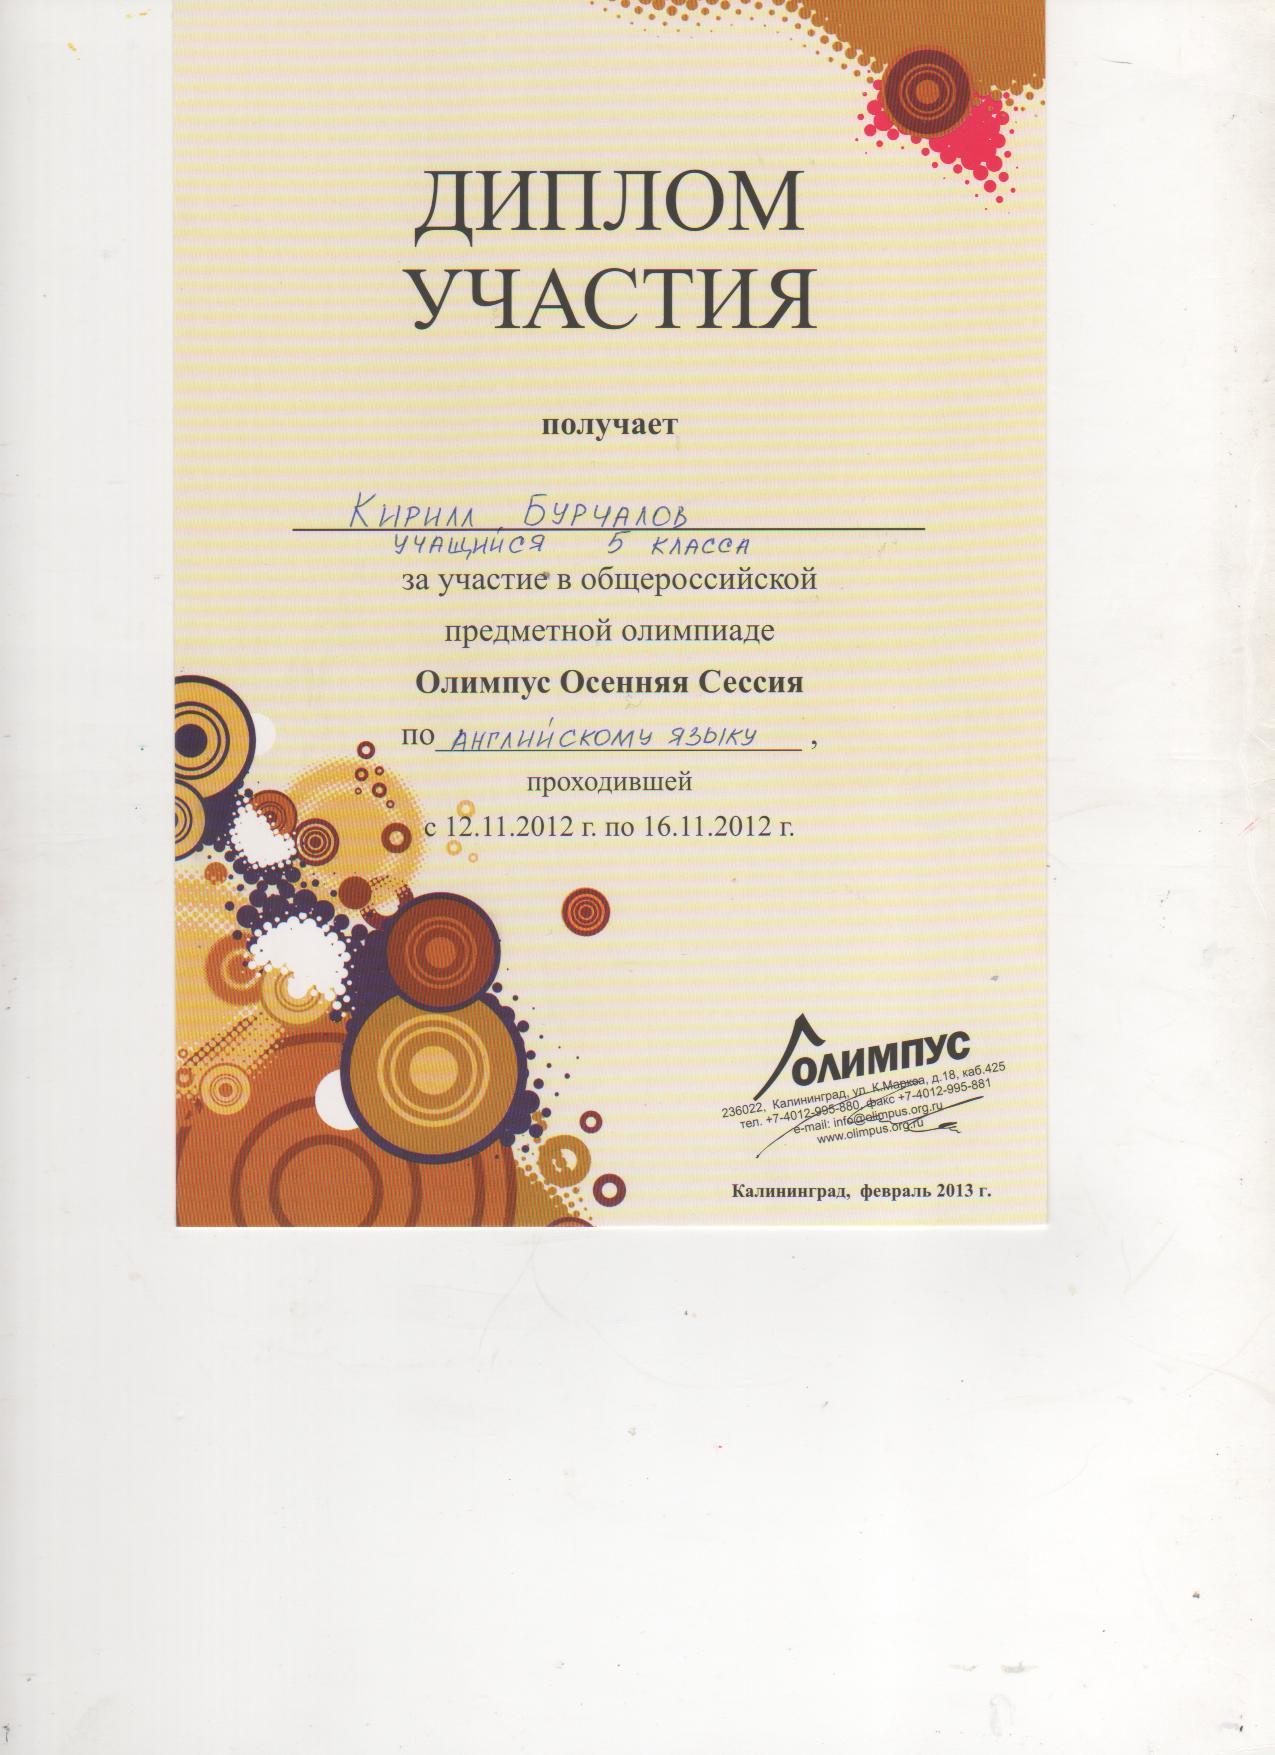 Ответы на олимпус осенняя сессия русский язык 6 класс